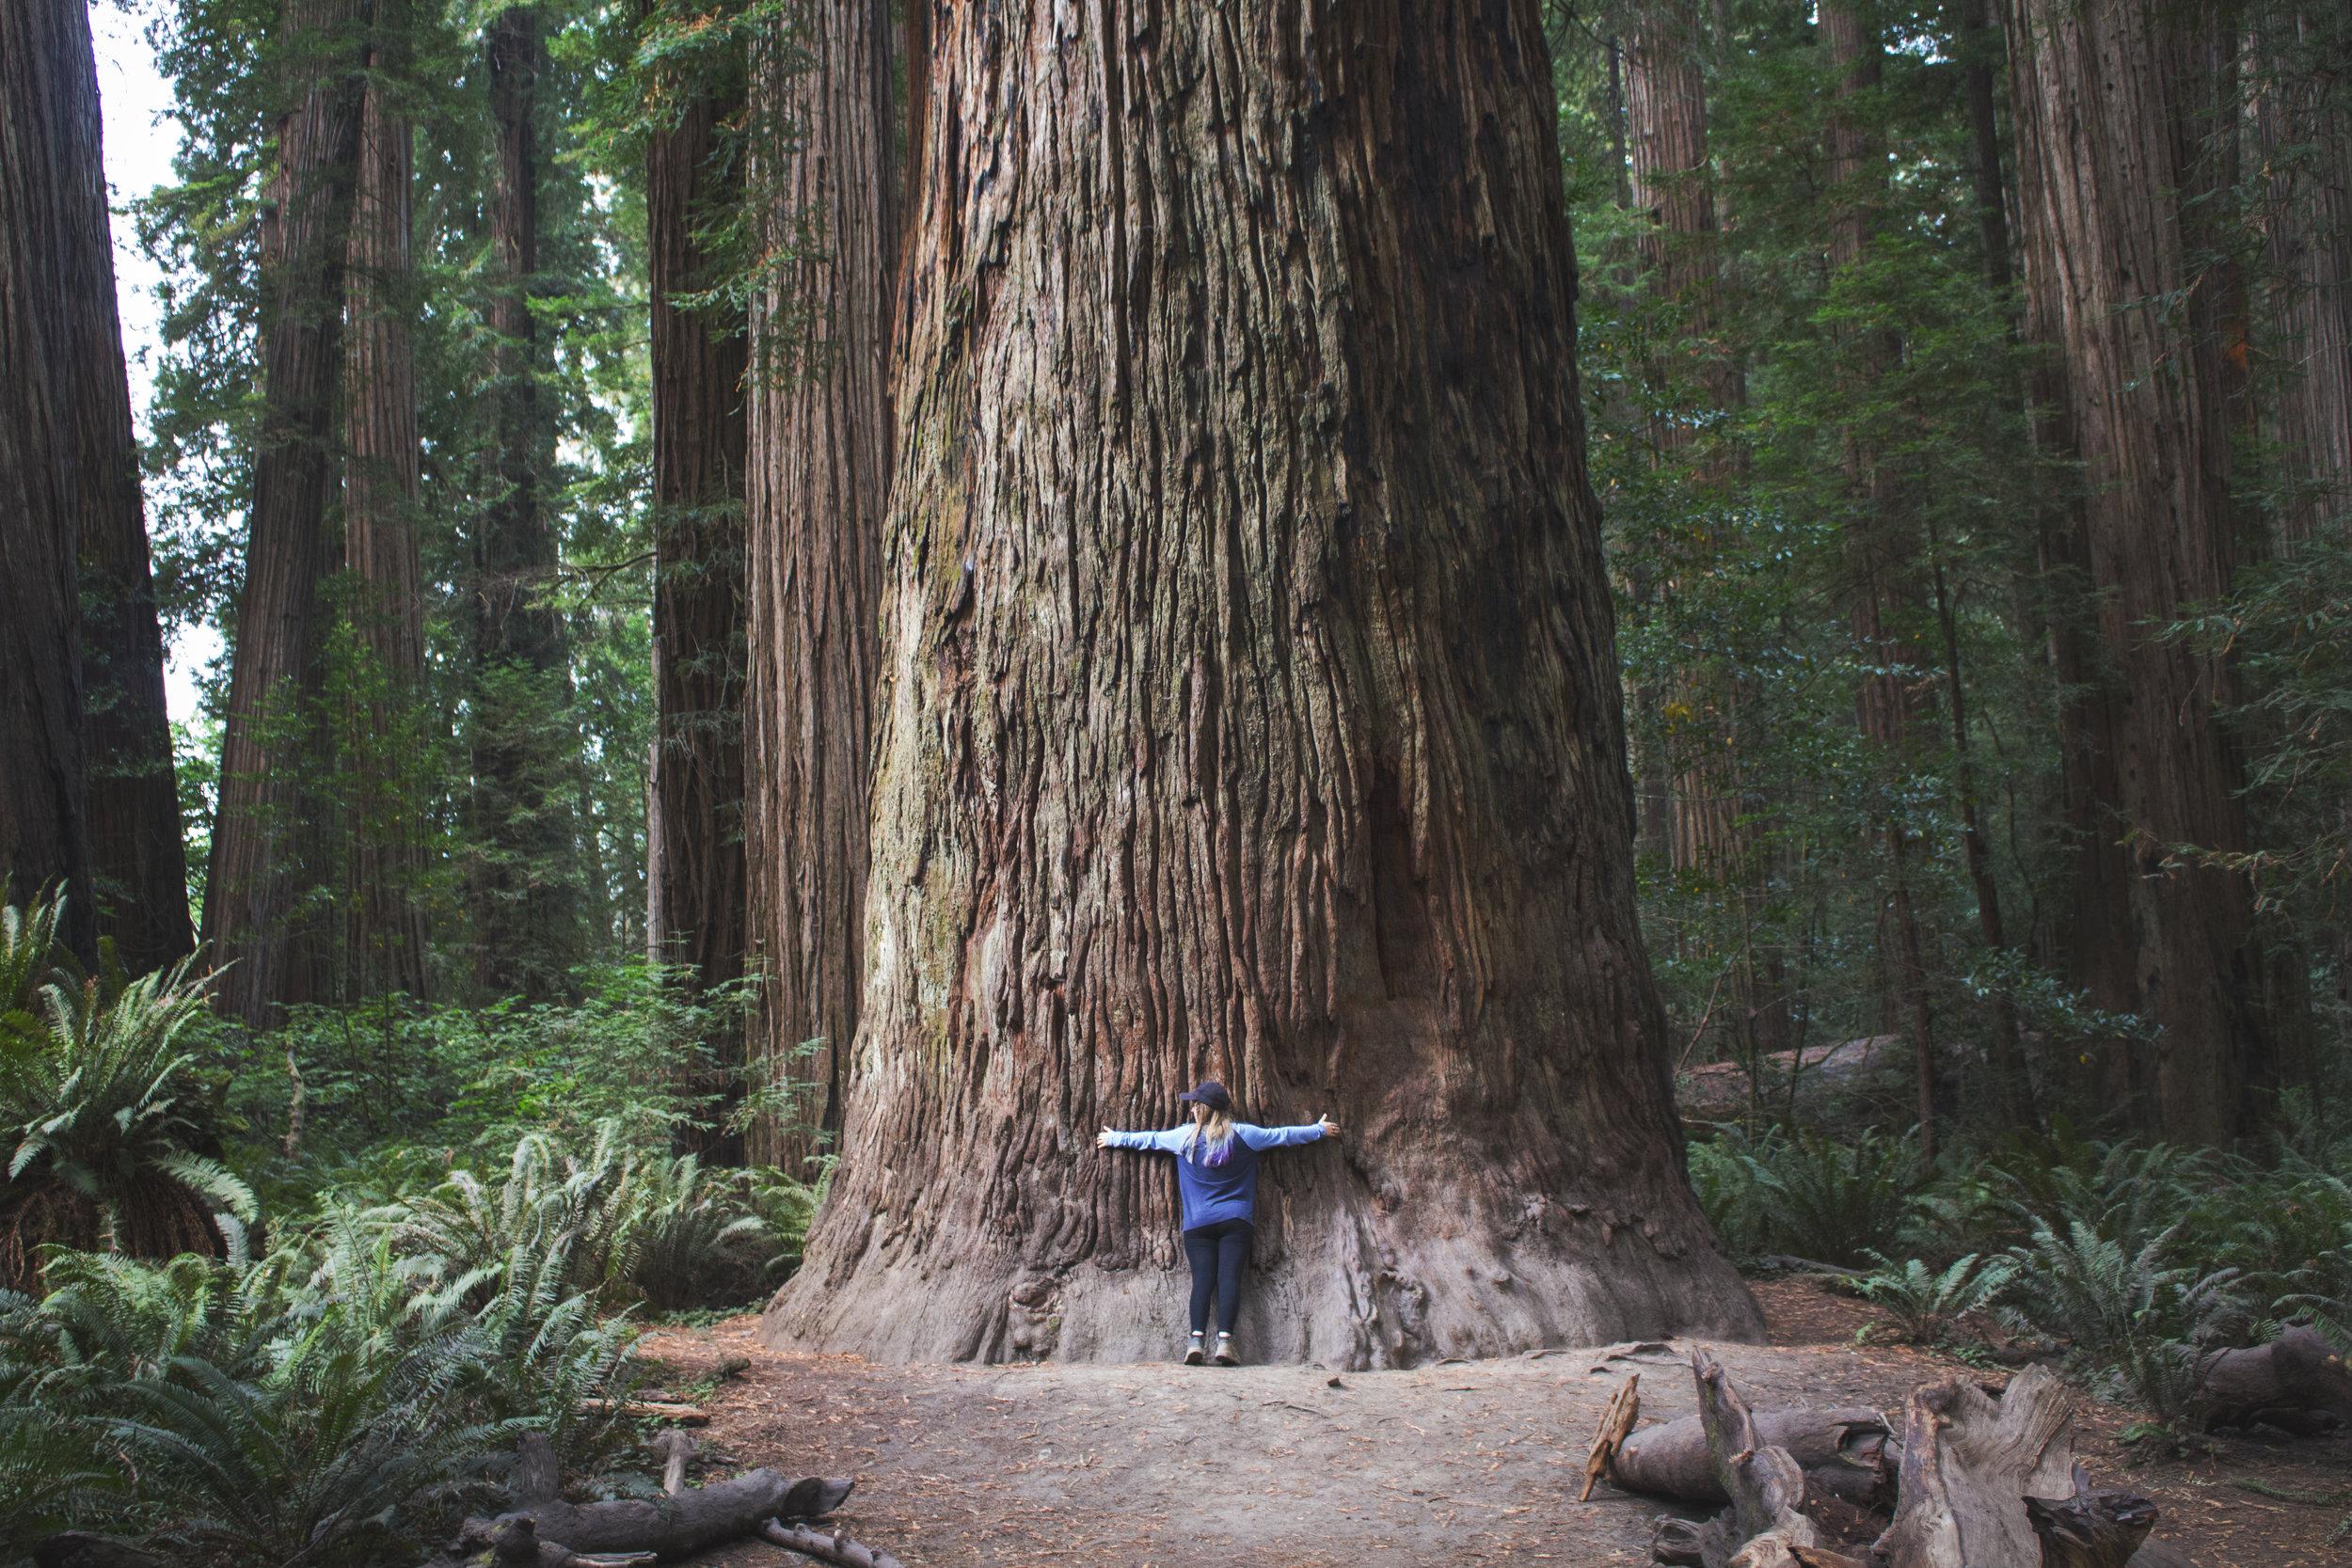 The Redwoods - adventures